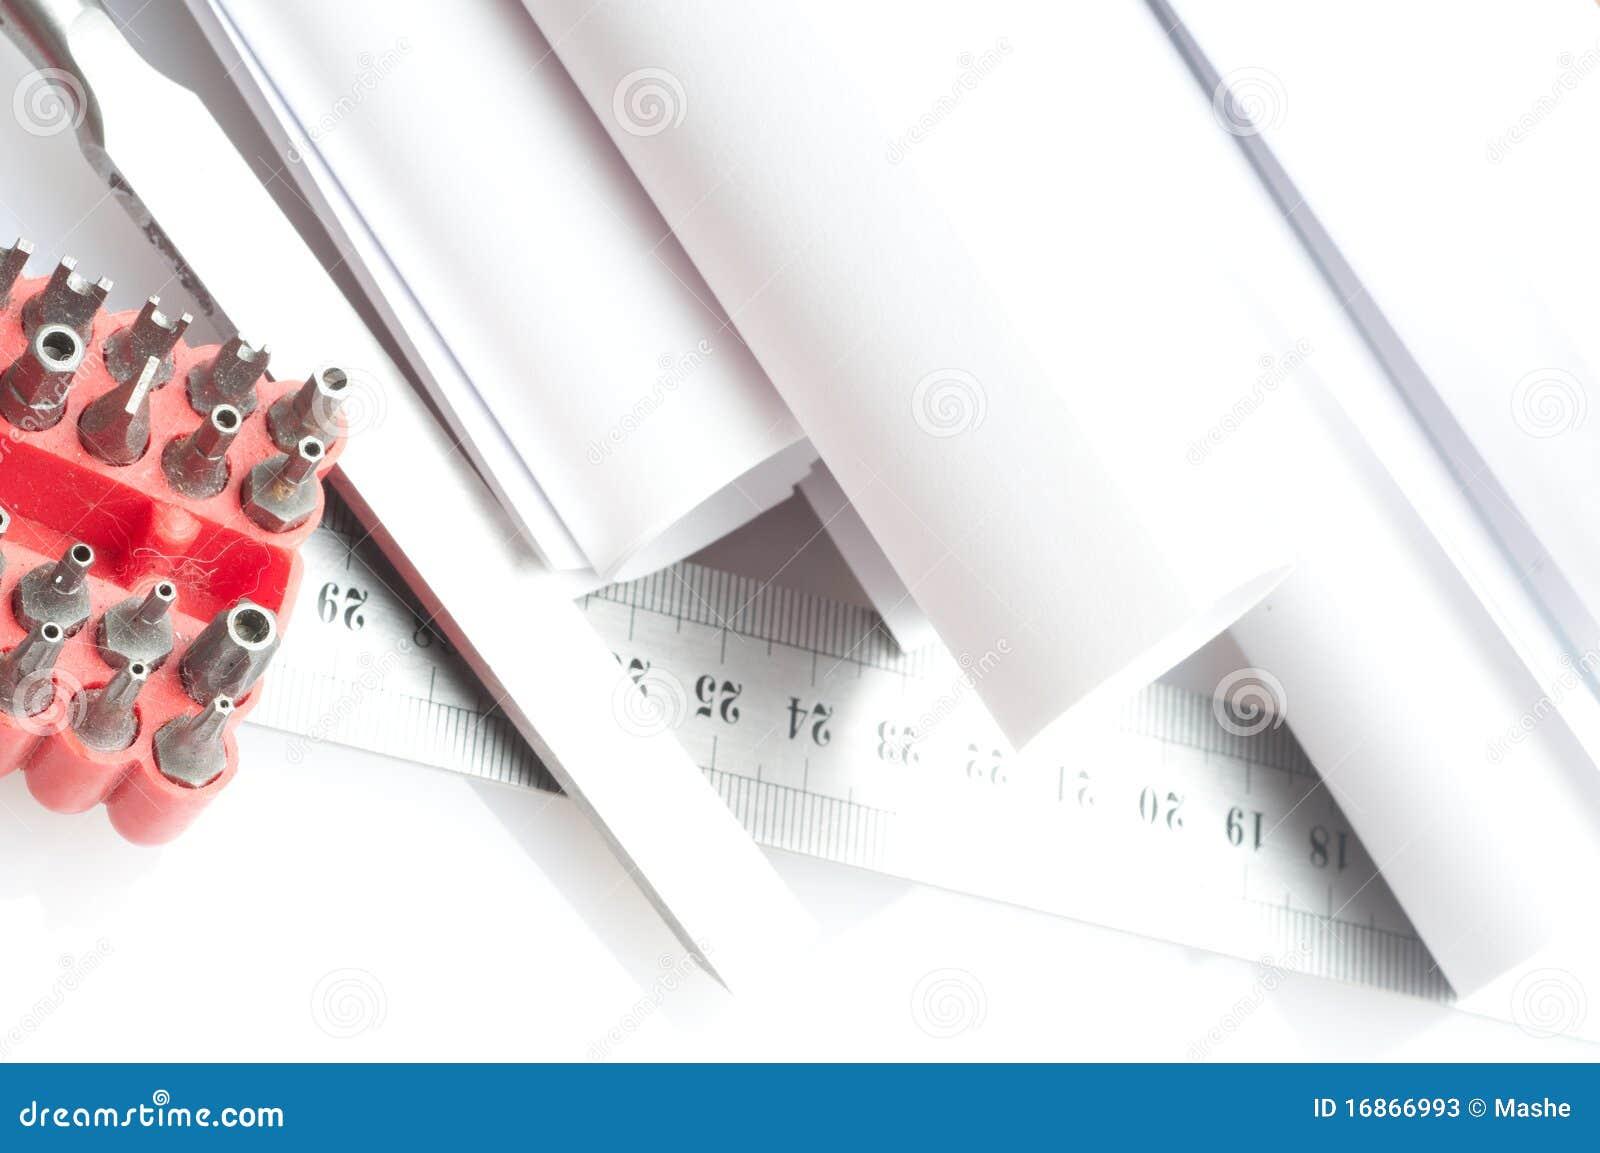 Chave de fenda, parafusos e o desenho